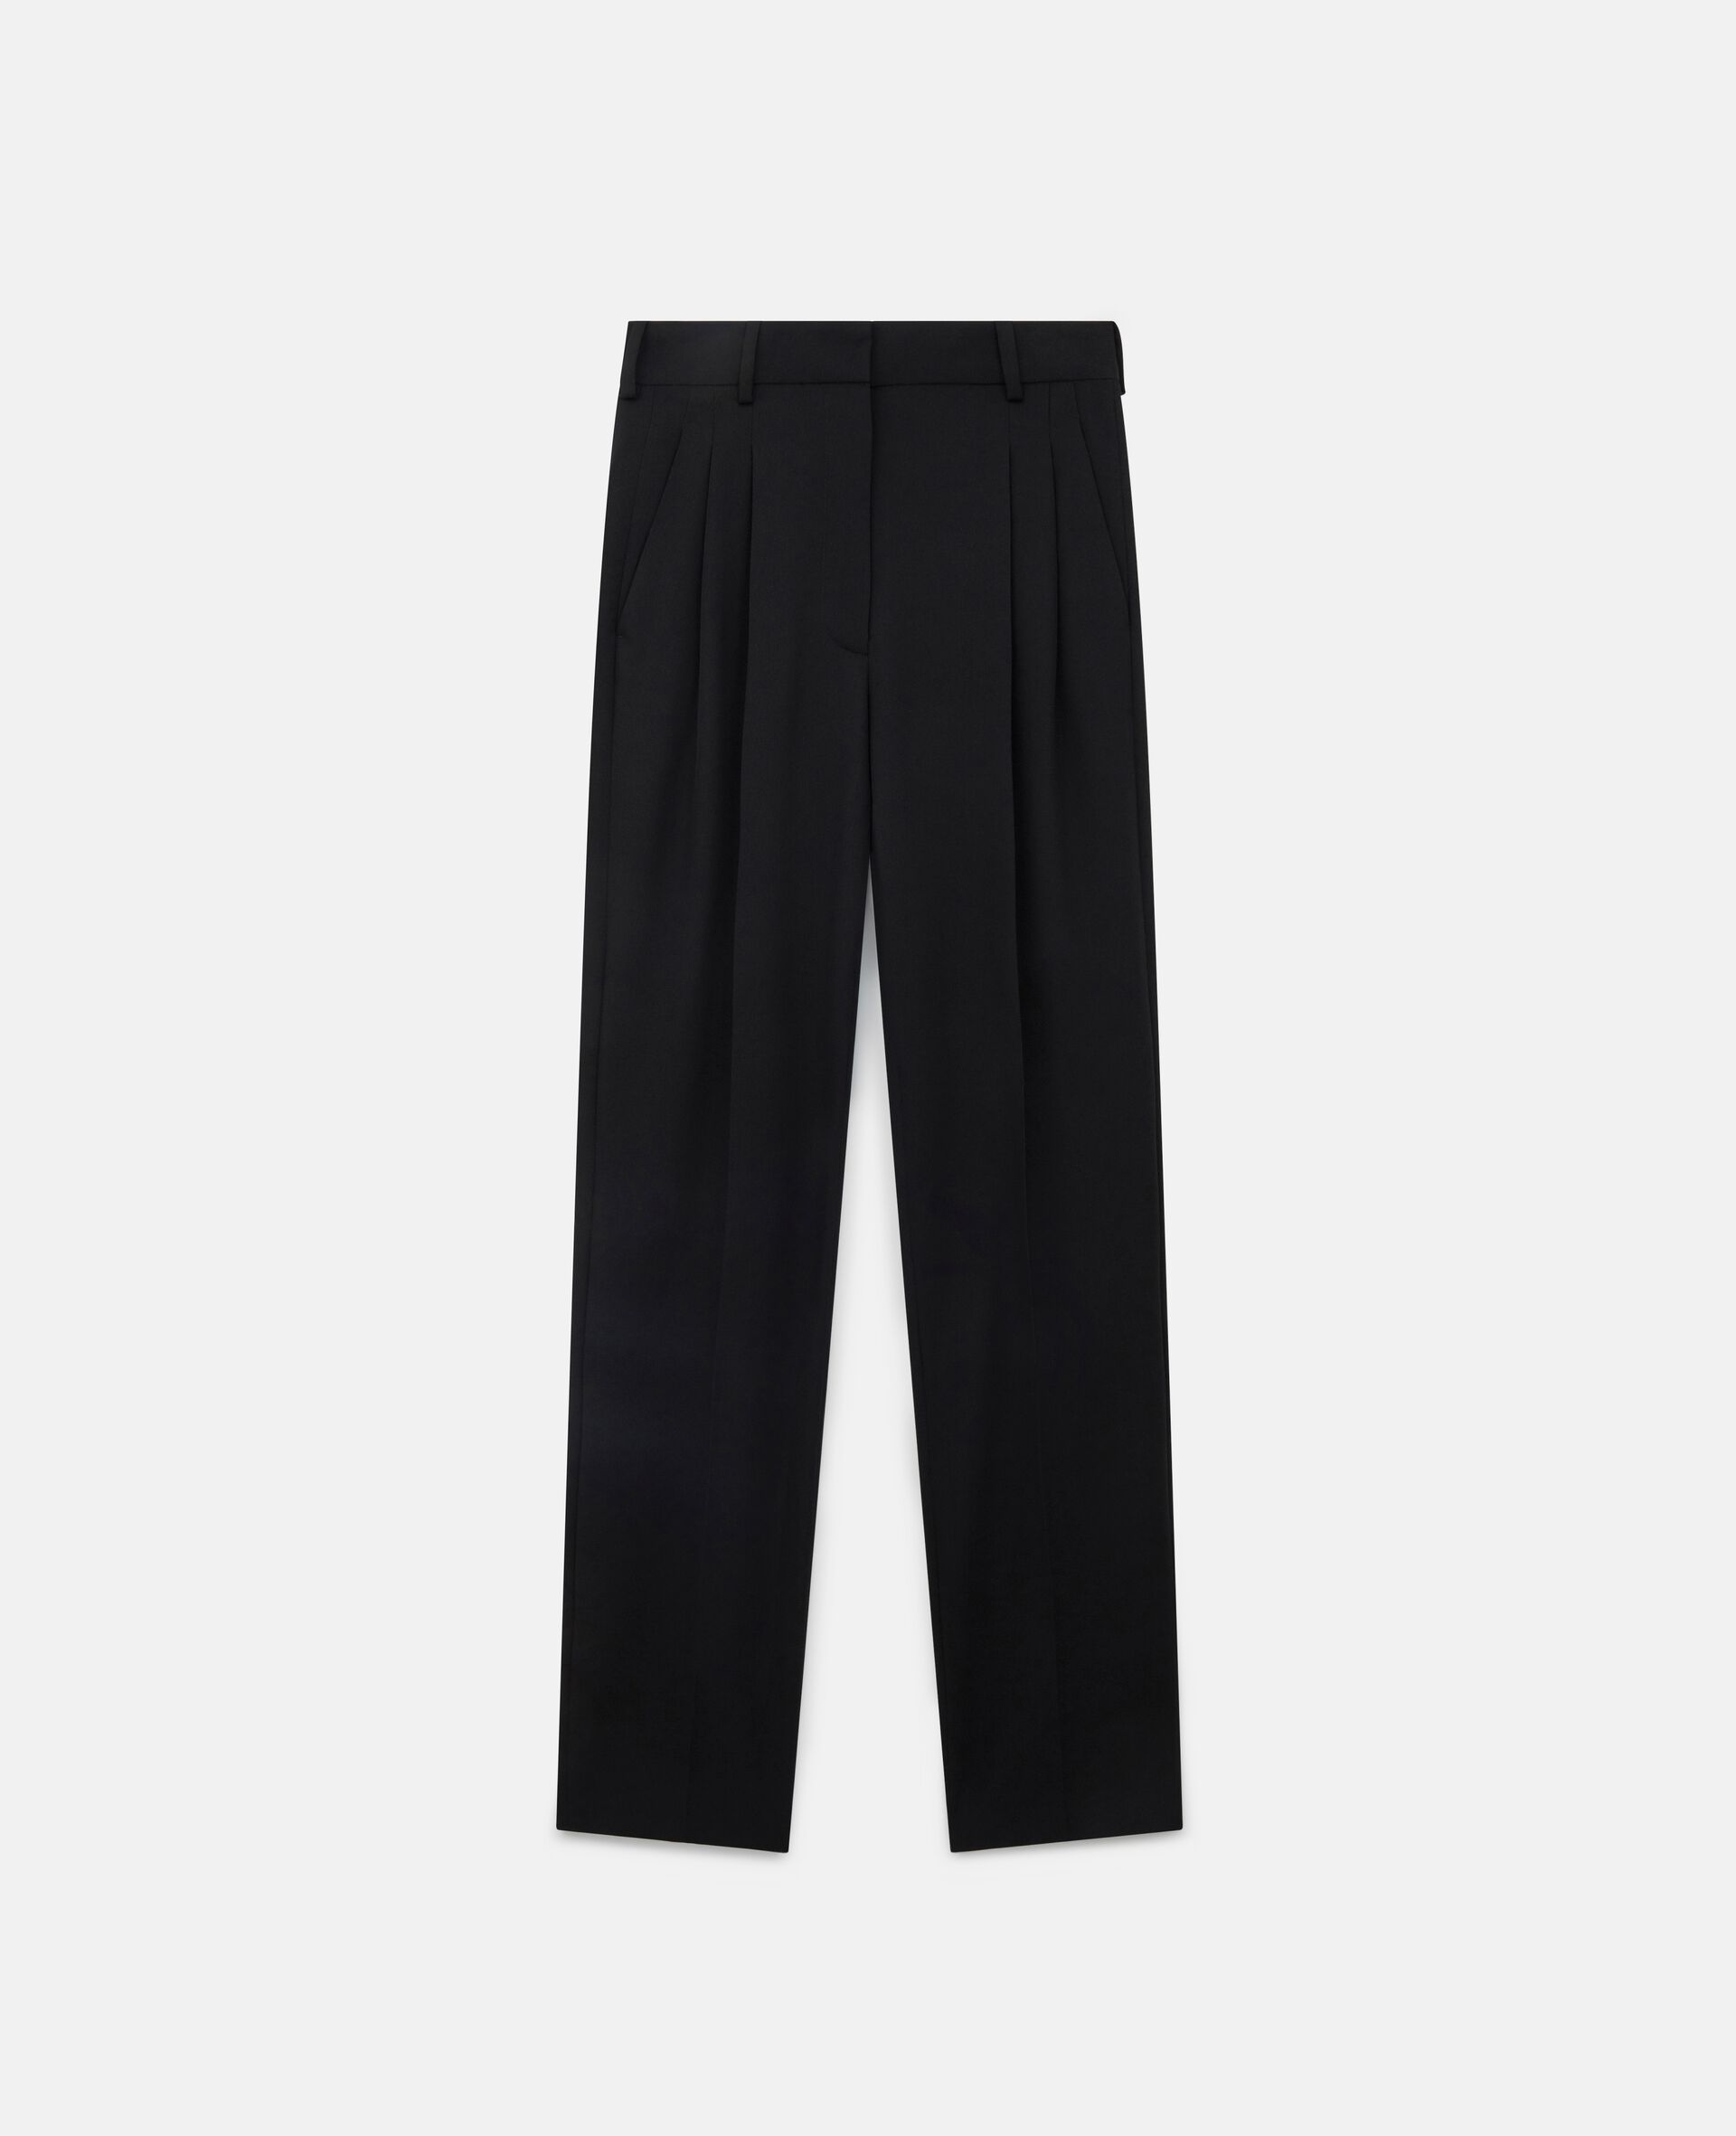 Lara 羊毛裤装-黑色-large image number 0